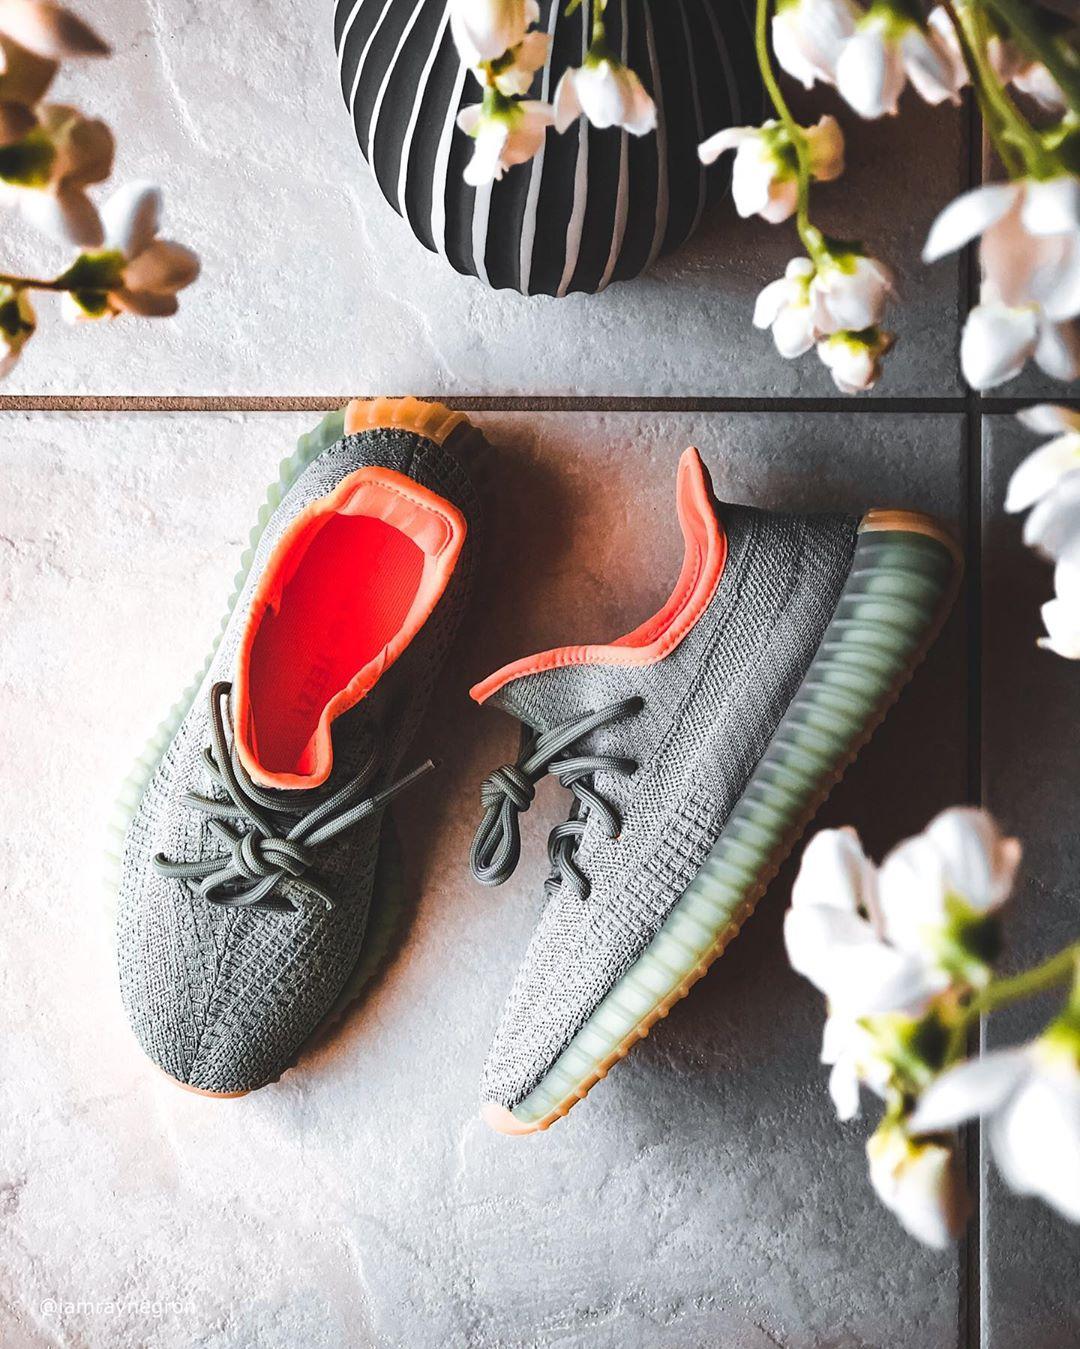 Nike,Air Jordan,adidas,yeezy,发  三月球鞋转卖谁最火?「百万货量」黑红 AJ11 排最后!第一名意料之中!